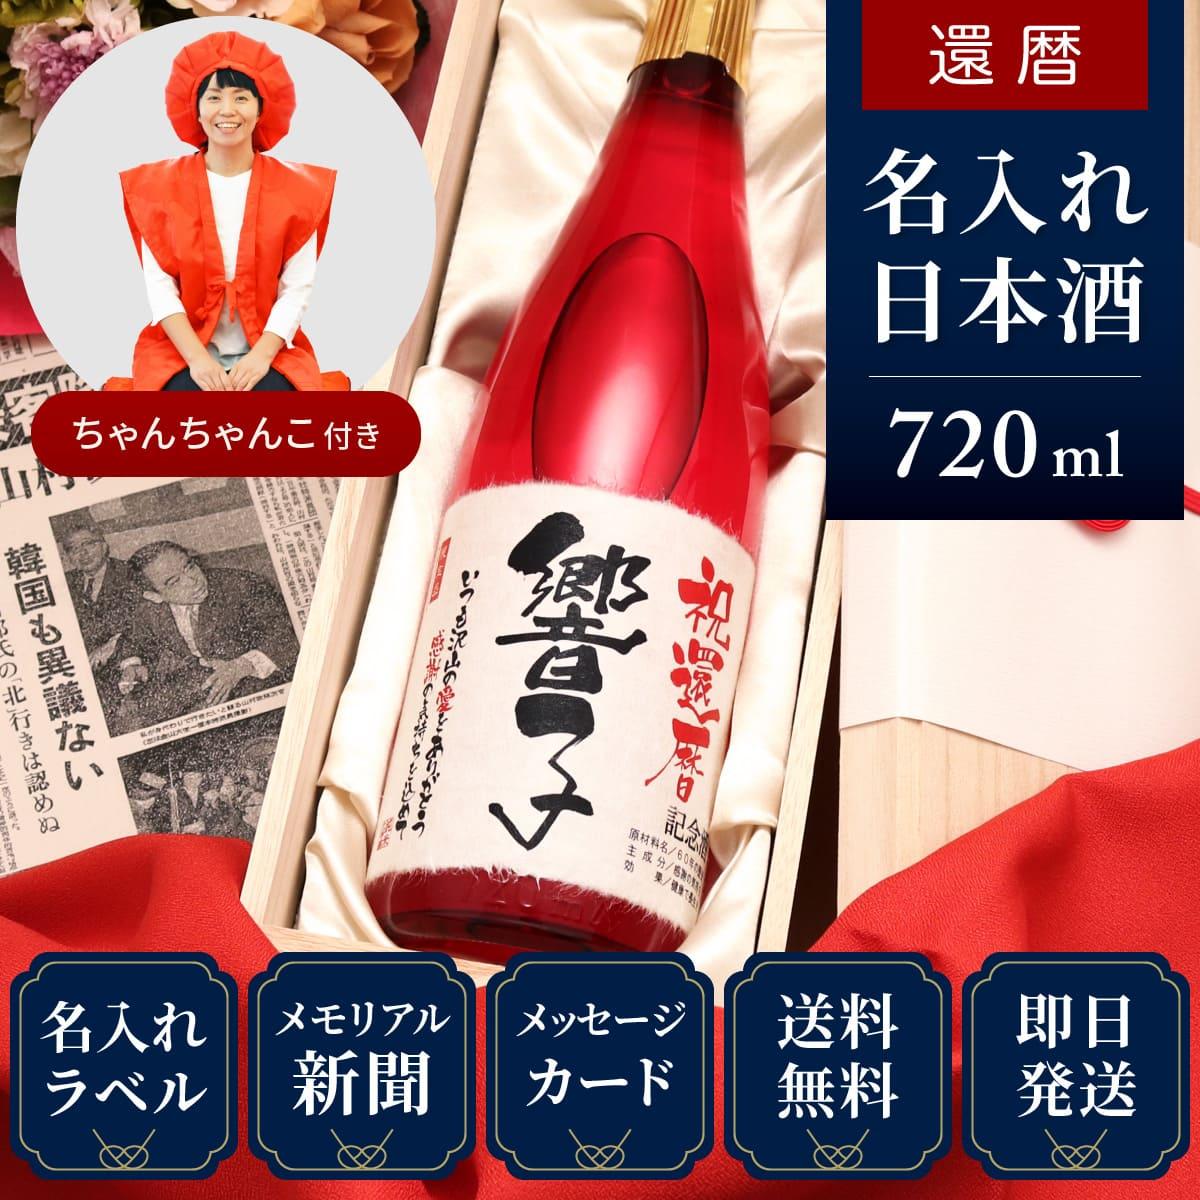 還暦ちゃんちゃんこ(日本製)と赤瓶セット「華一輪」720ml(日本酒)